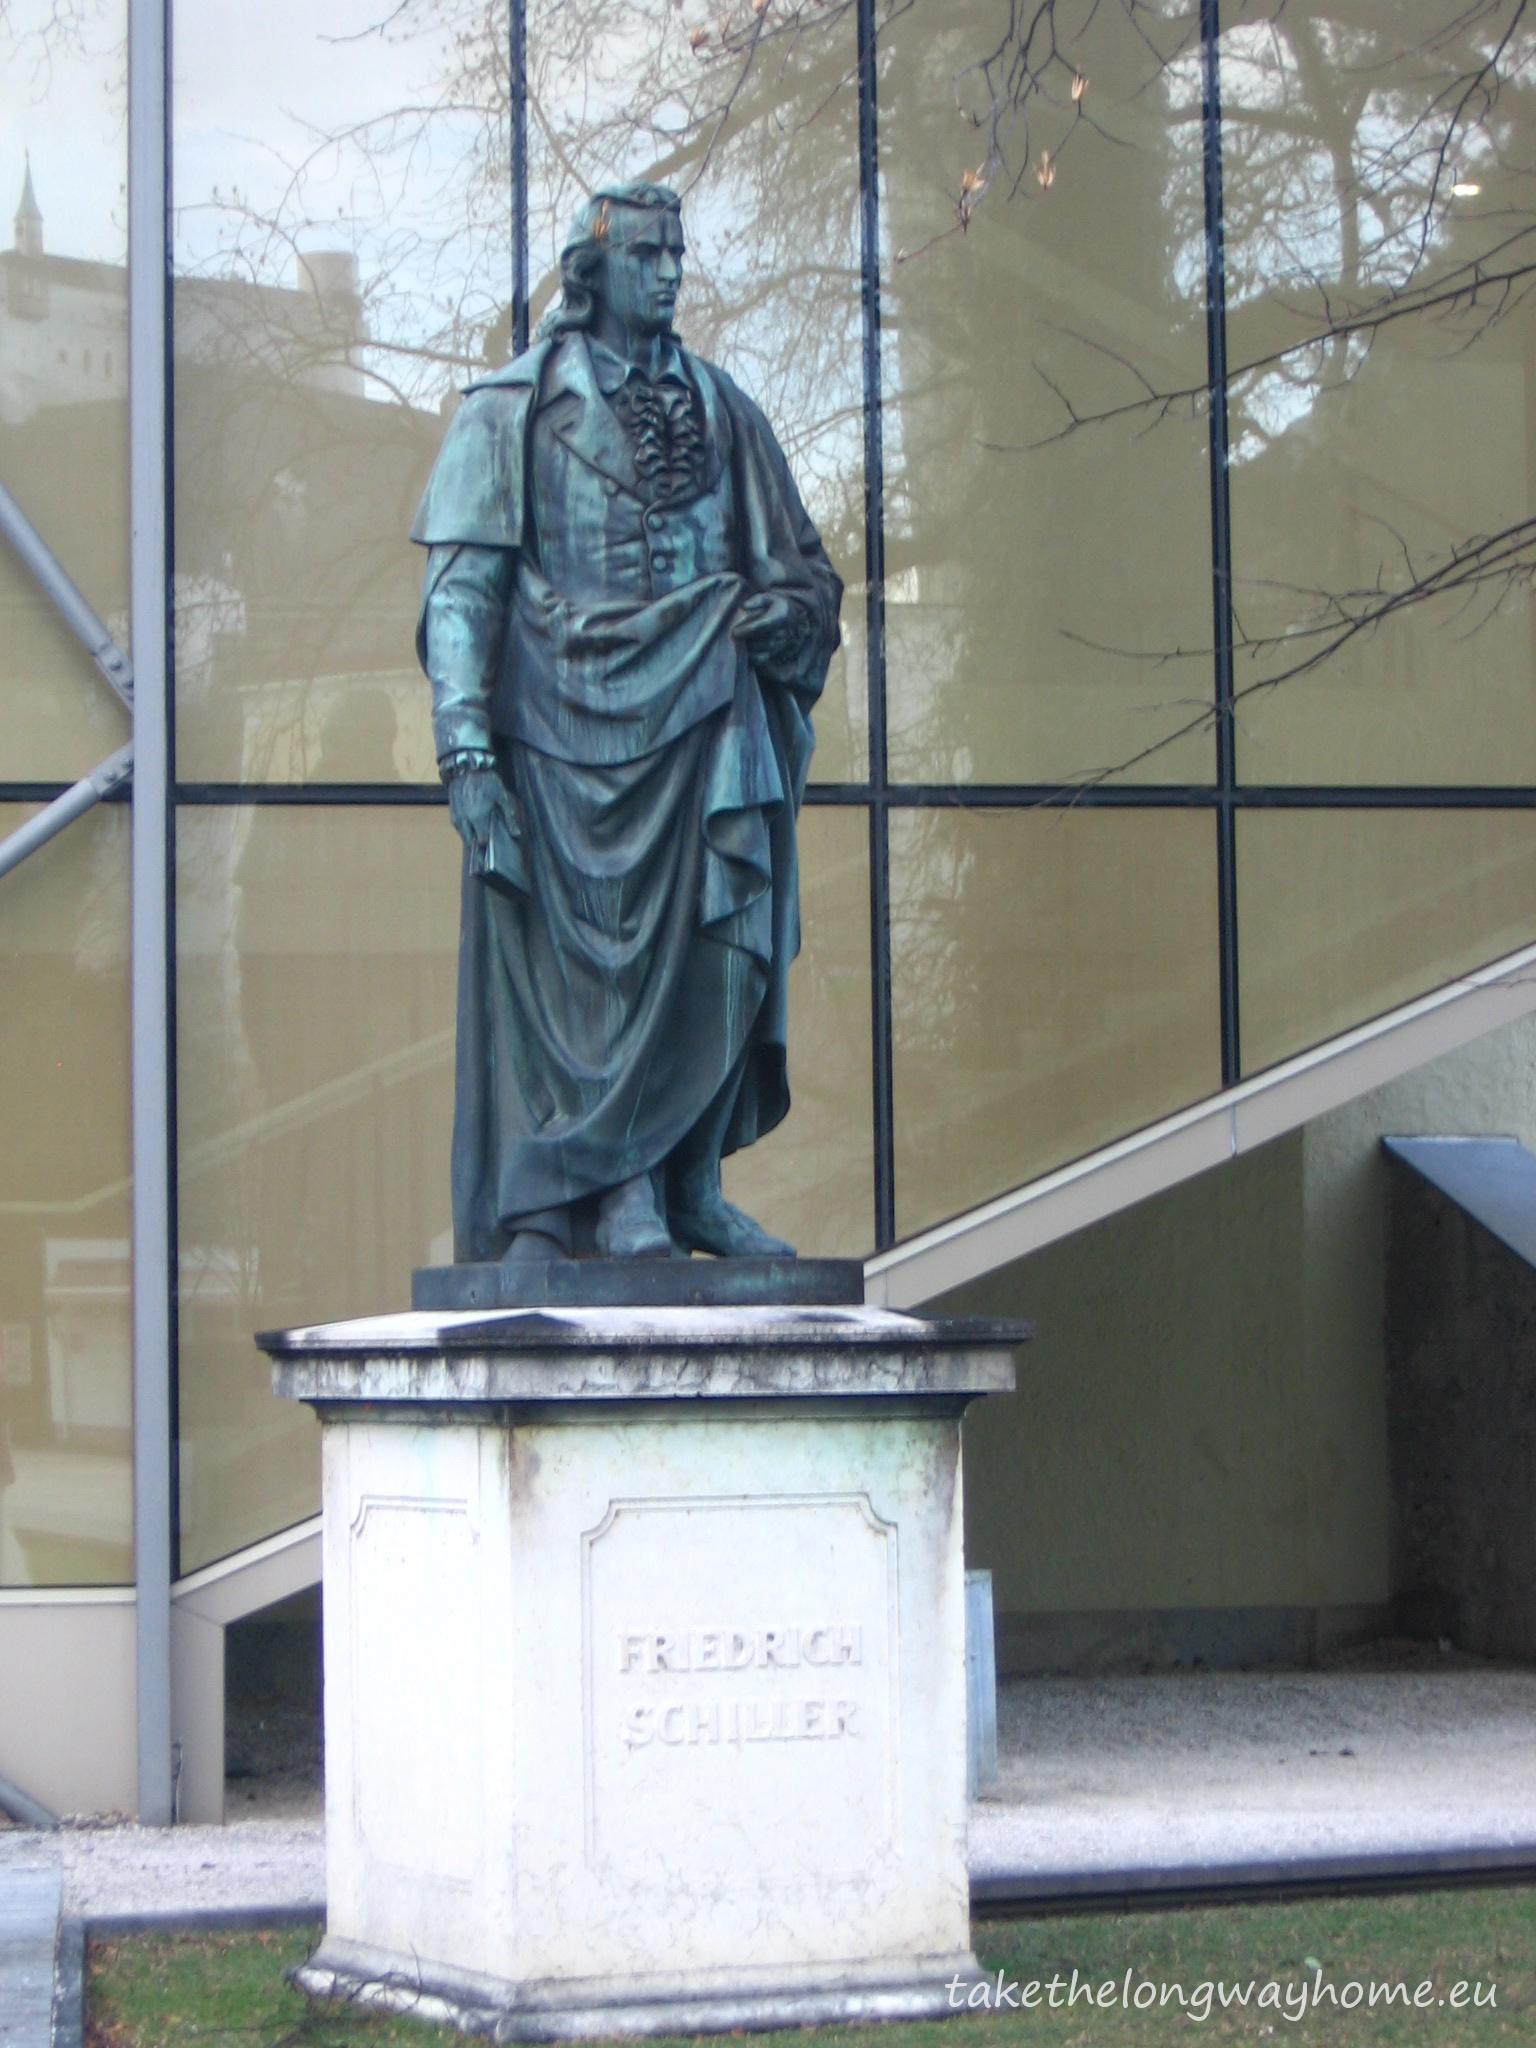 Statuia lui Friedrich Schiller in Max-Reinhardt-Platz